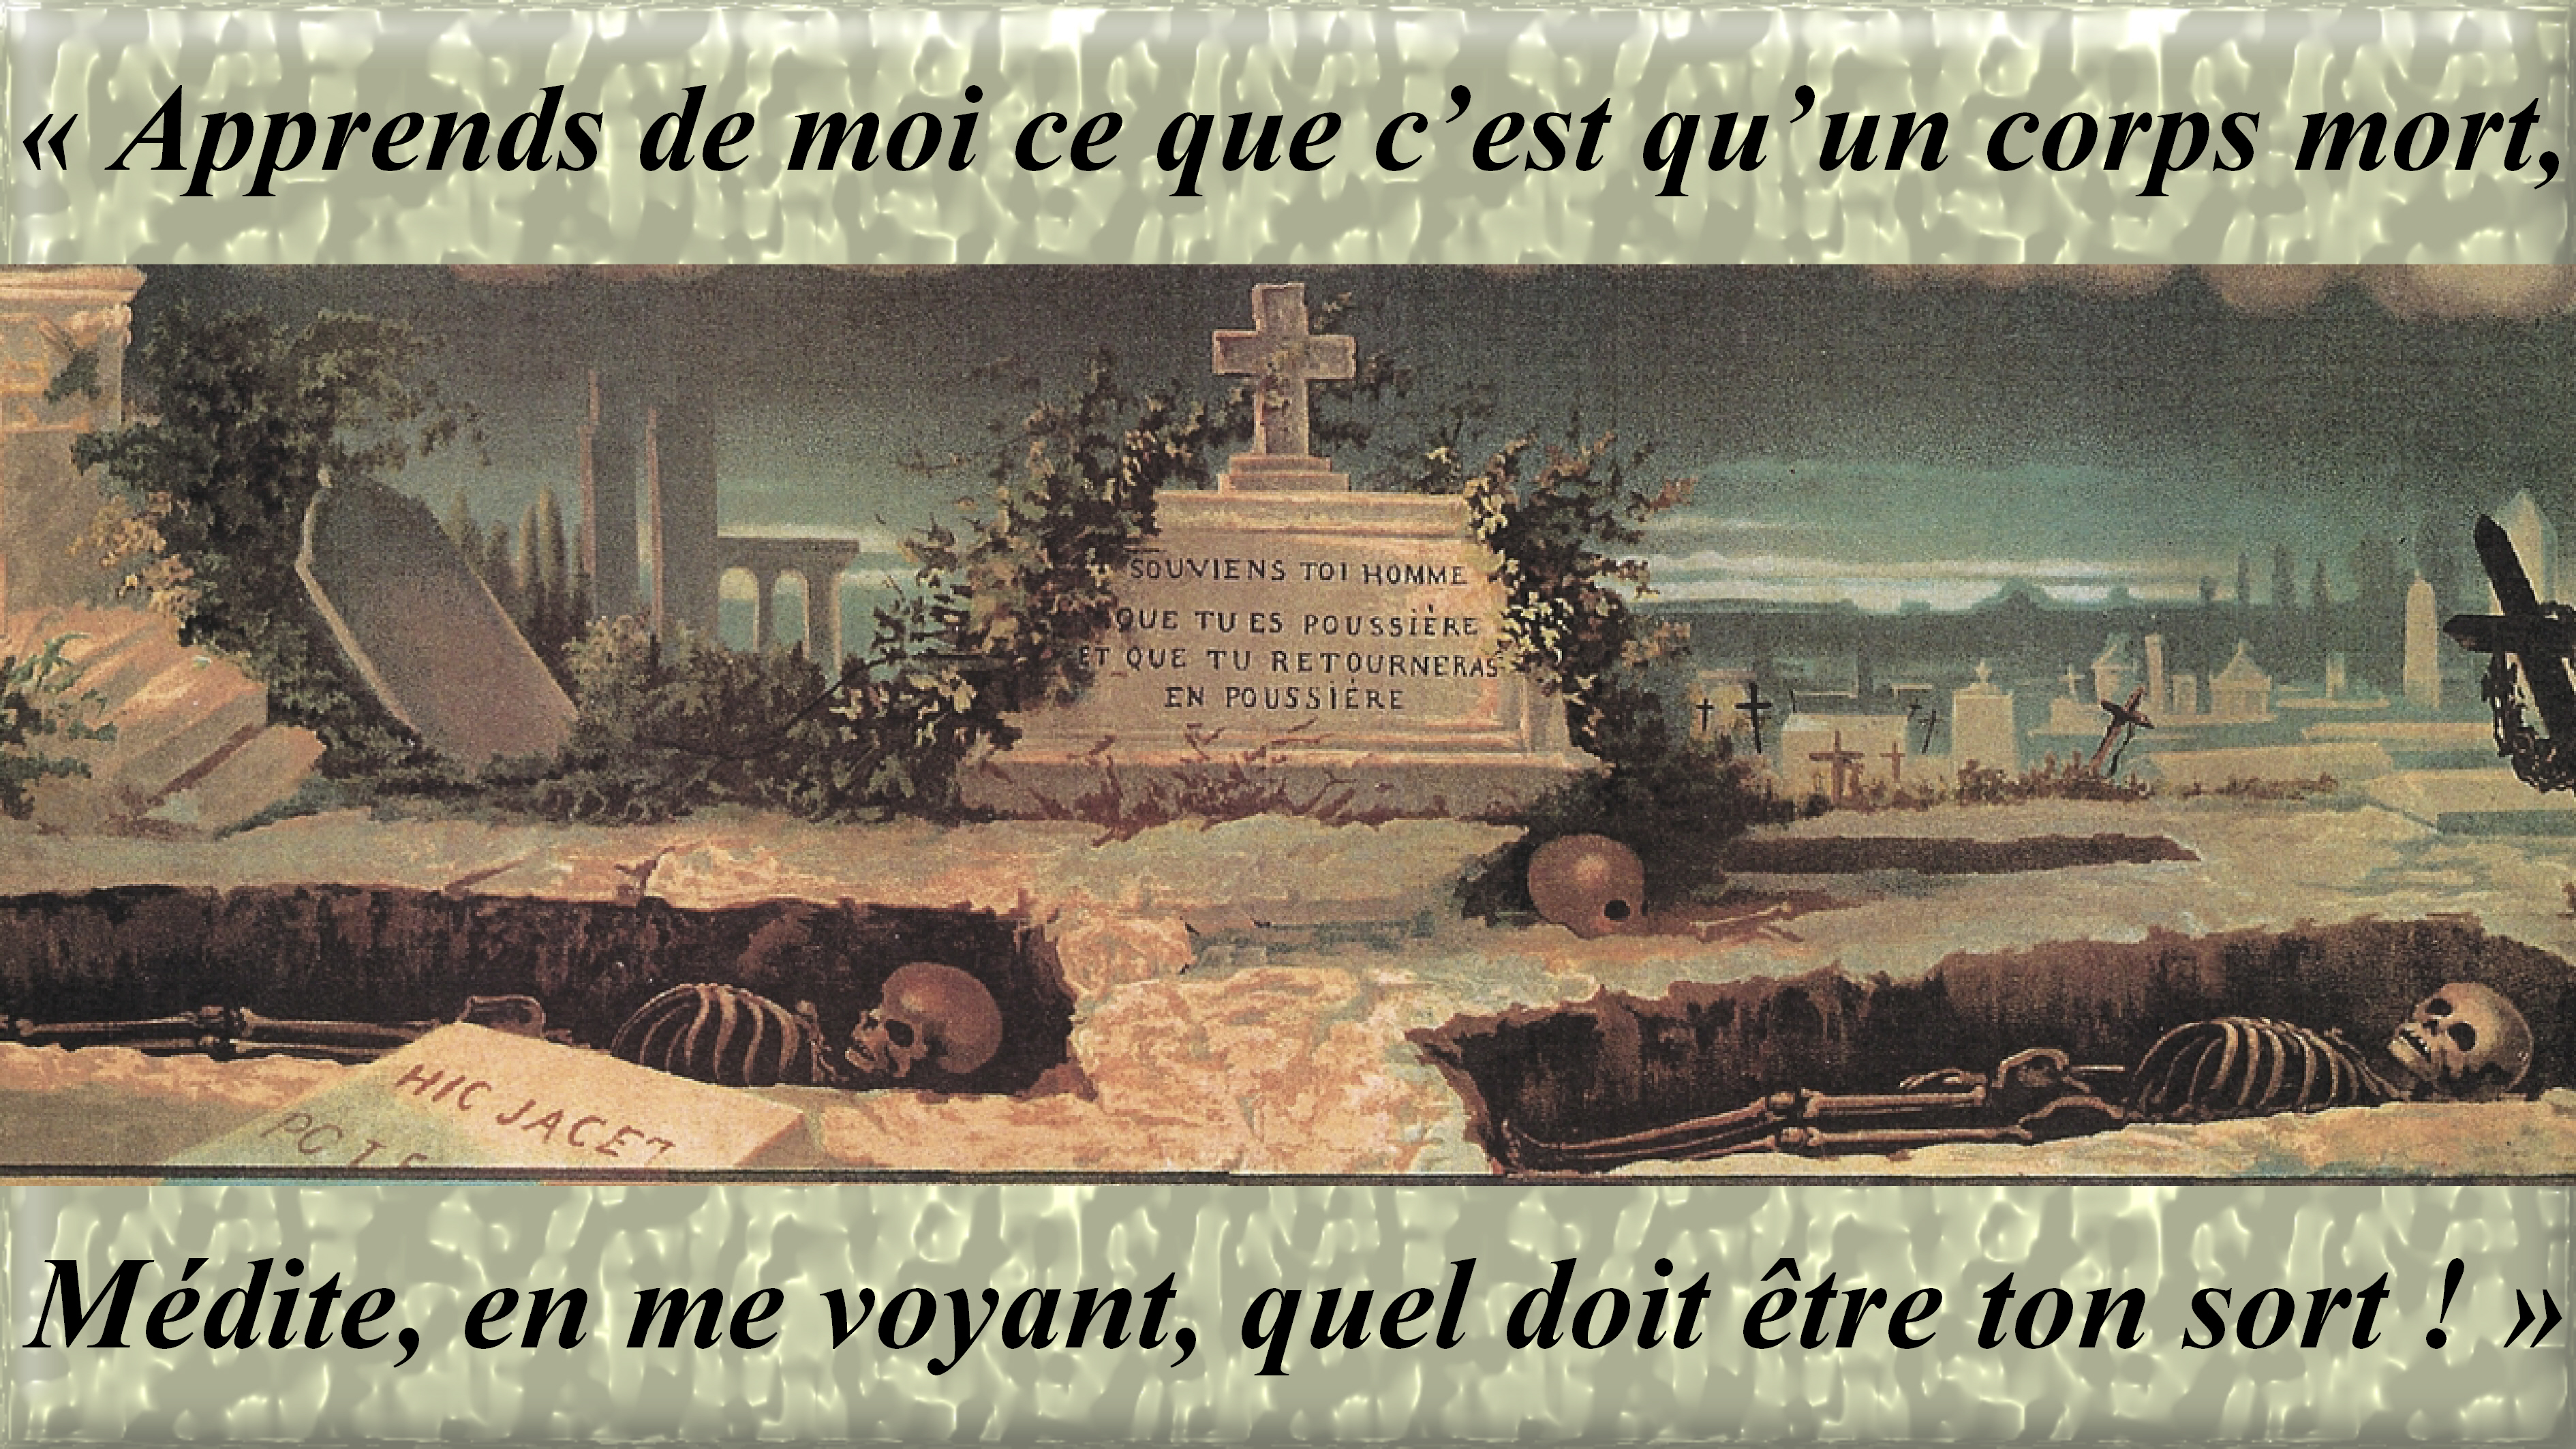 CALENDRIER CATHOLIQUE 2020 (Cantiques, Prières & Images) - Page 6 Tombeaux-5715c5b